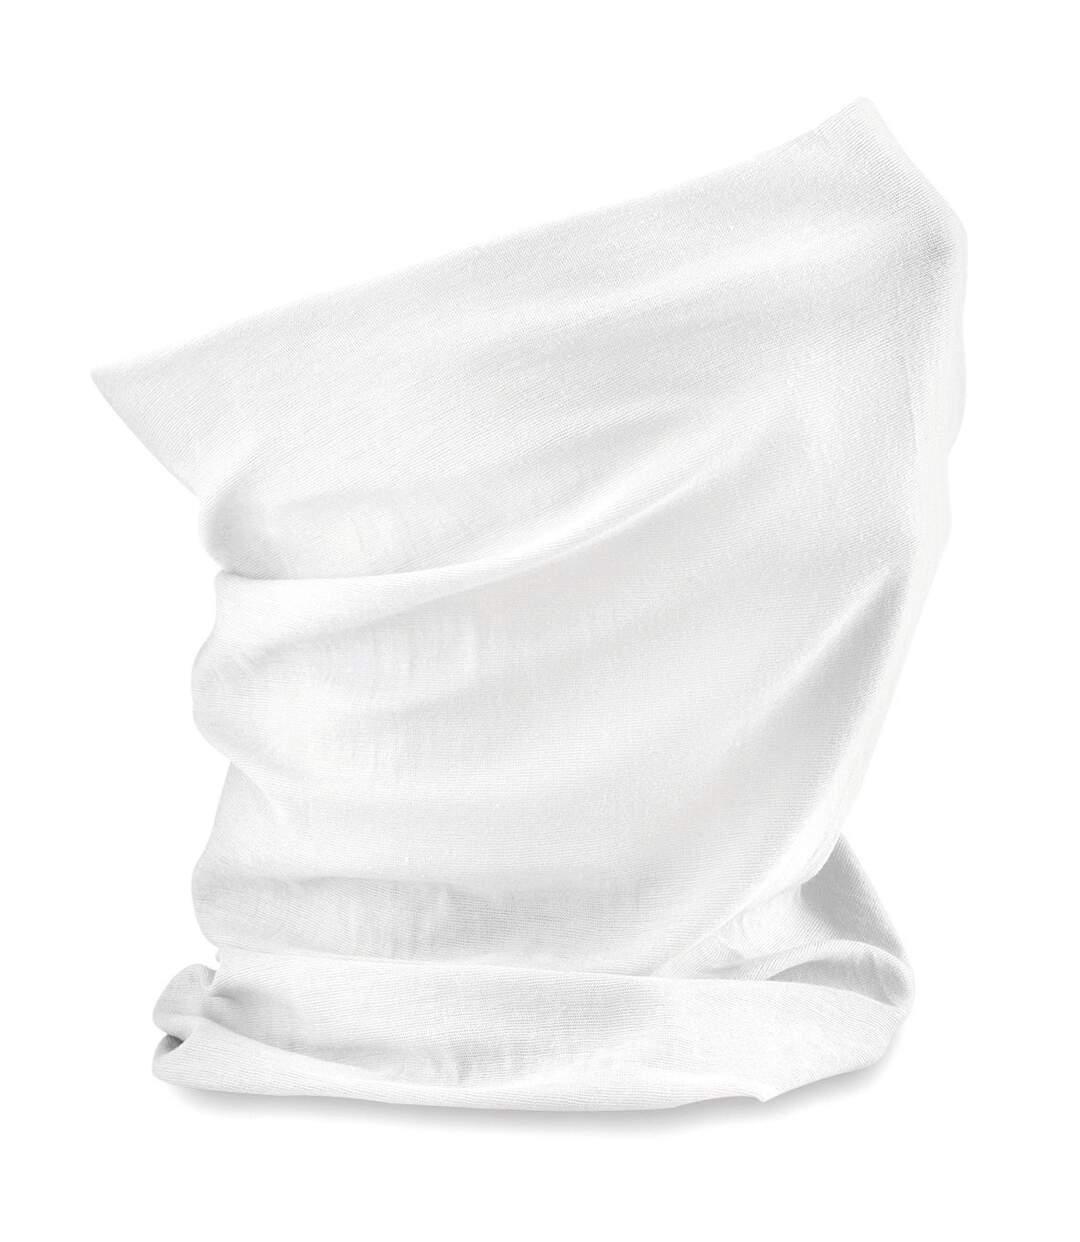 Echarpe tubulaire - tour de cou adulte - B900 - blanc